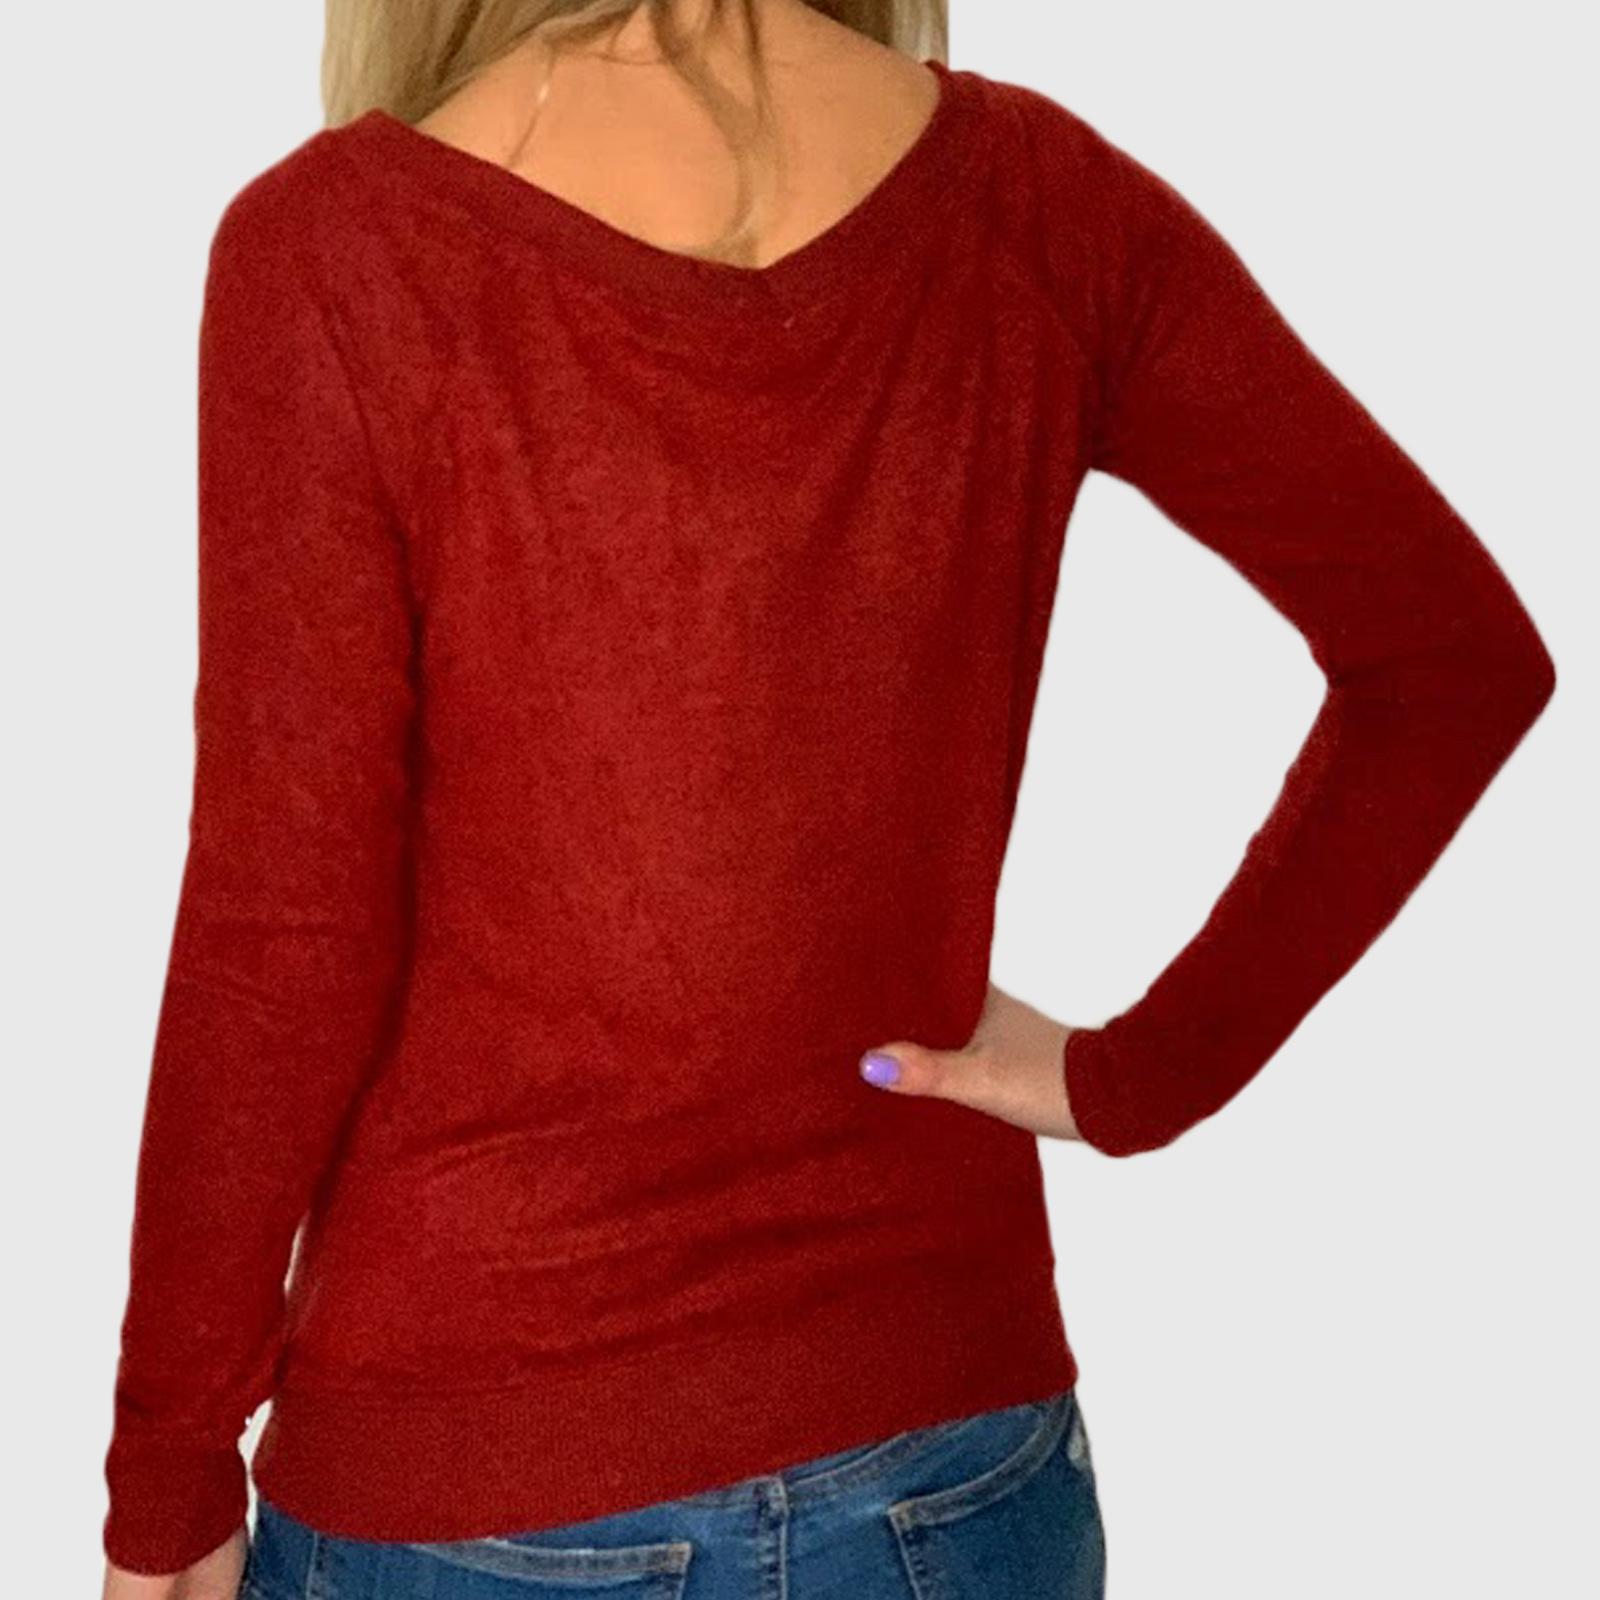 Модная одежда для девушек: кофты, лонгсливы, регланы, туники по супер цене